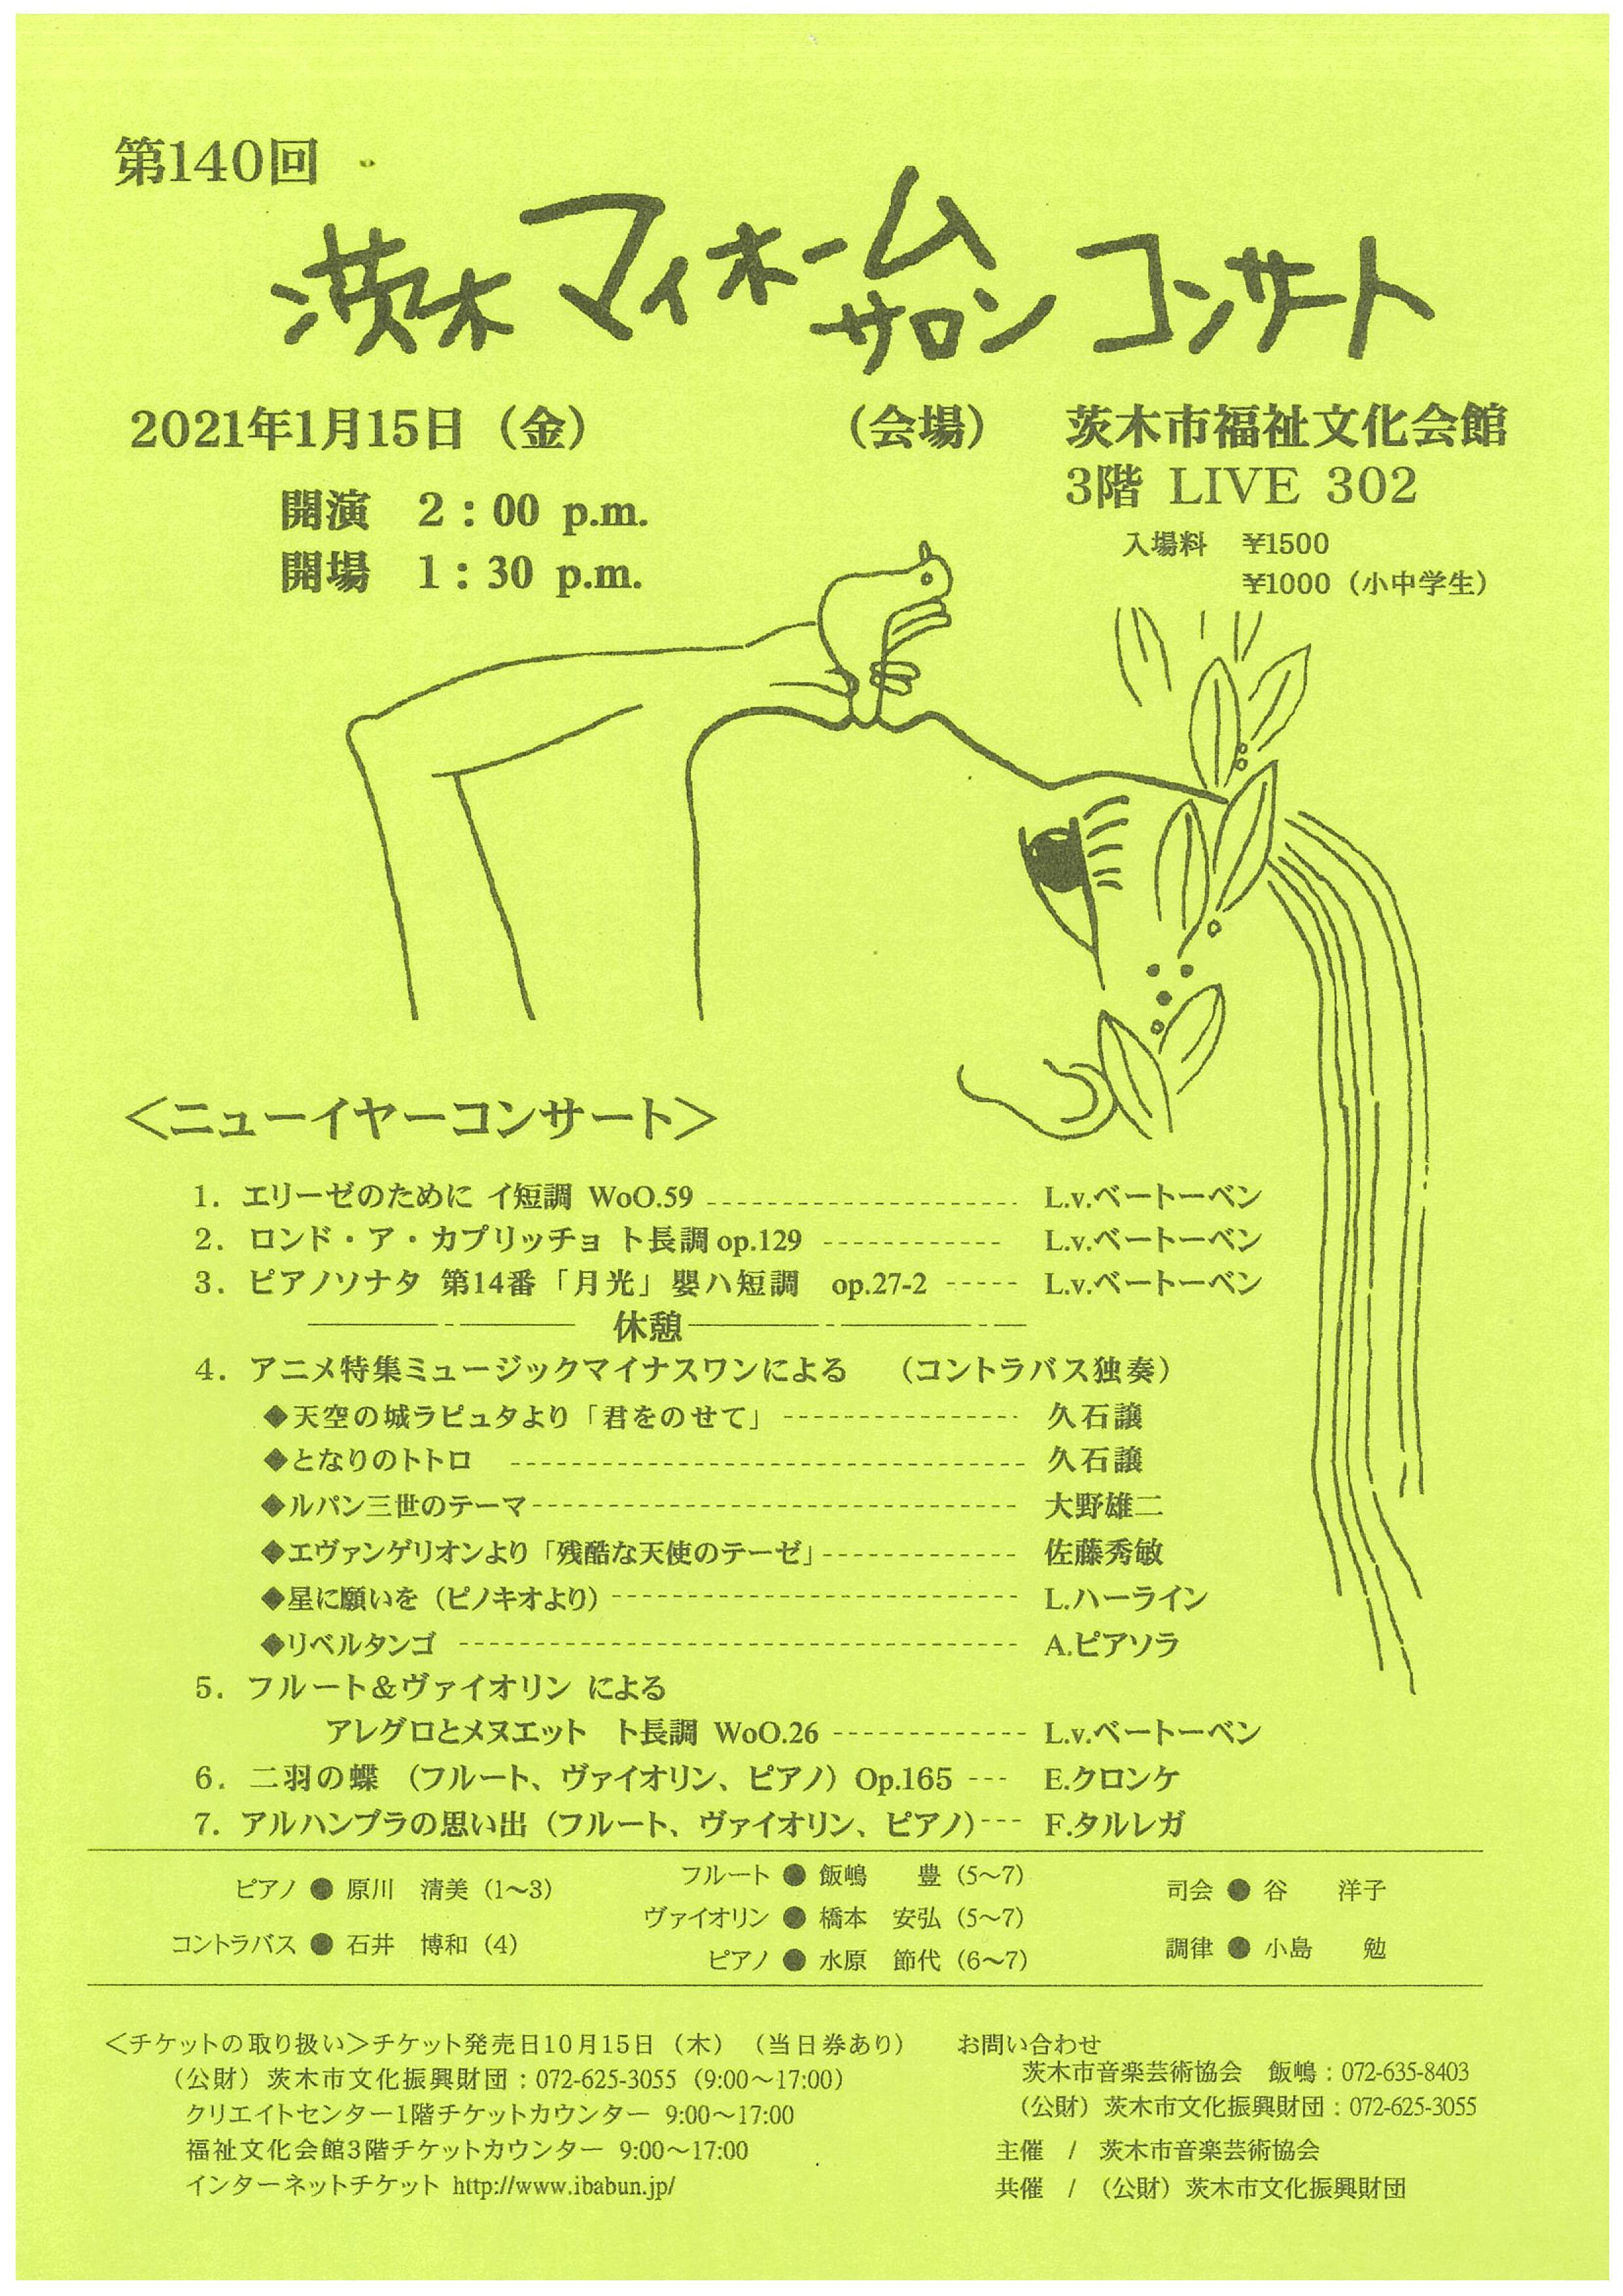 第140回 茨木マイホームサロンコンサート